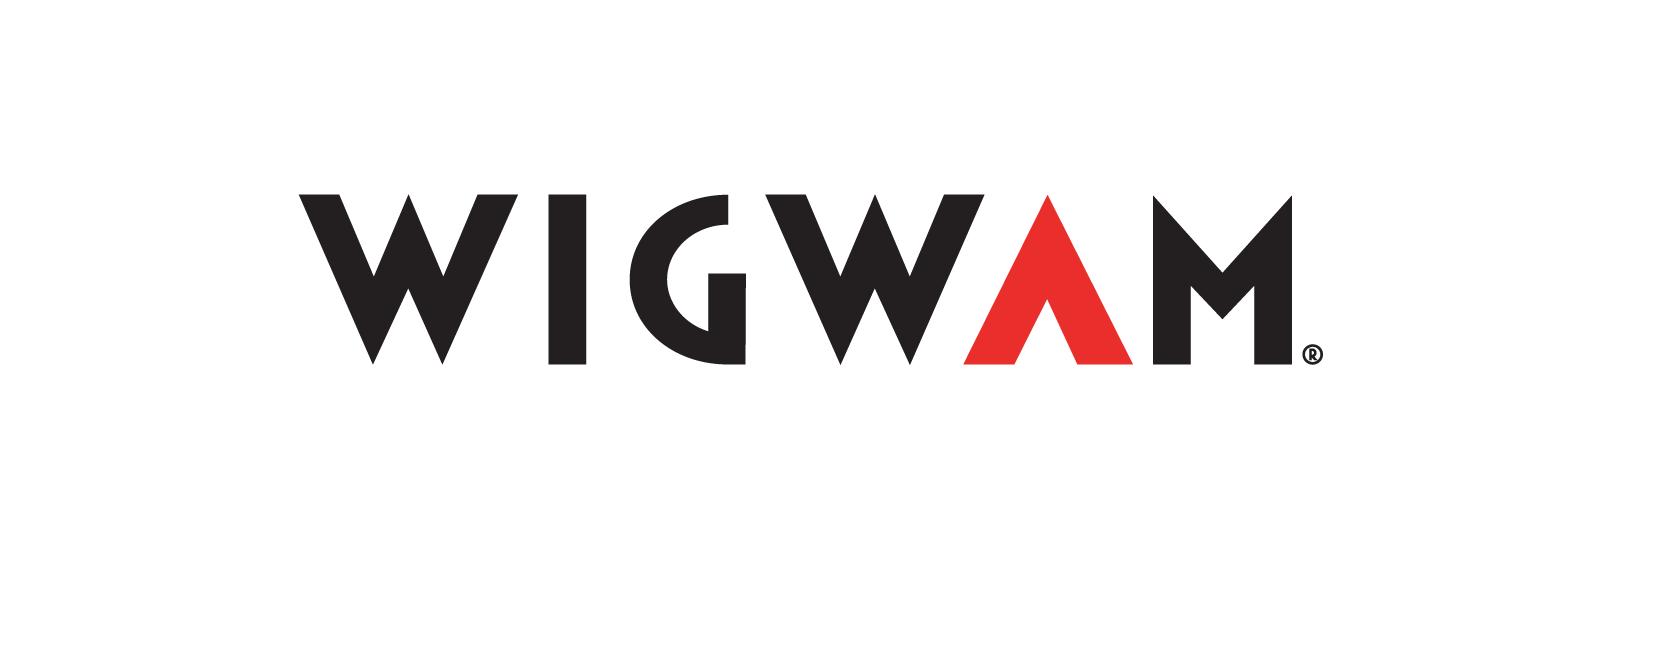 WIGWAM-LOGO-Horizontal-mslk